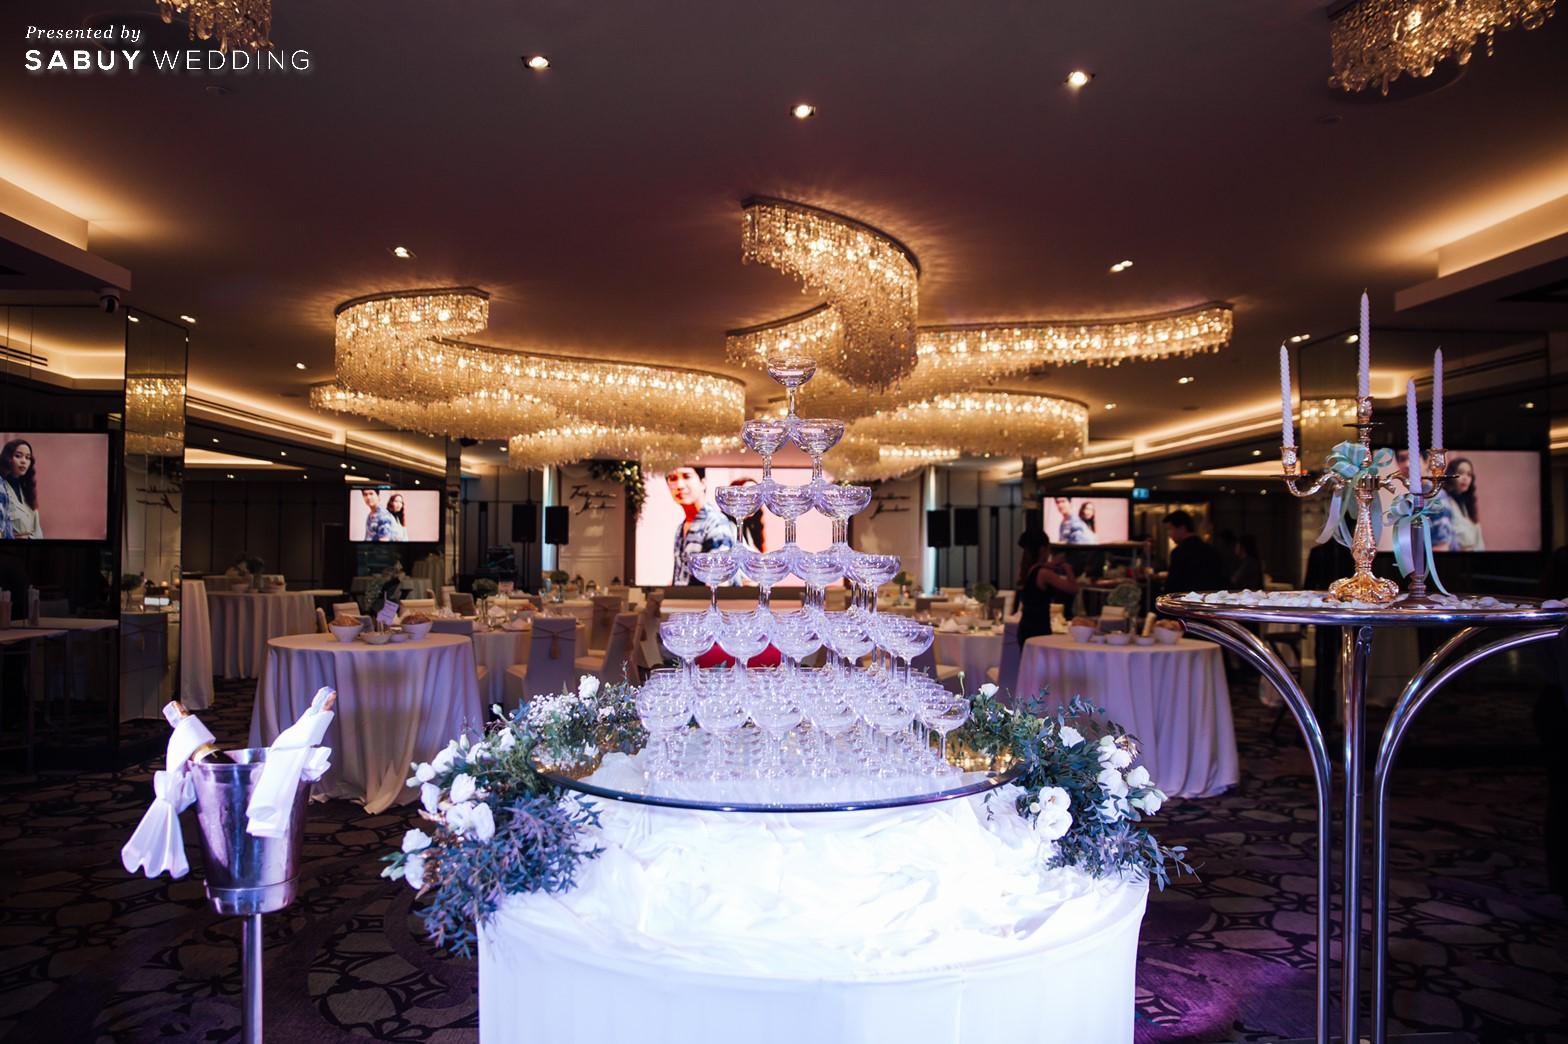 โรงแรม,สถานที่แต่งงาน รีวิวงานแต่งริมน้ำสุดอบอุ่น สวยละมุนในโทนขาวเขียว @ Chatrium Hotel Riverside Bangkok